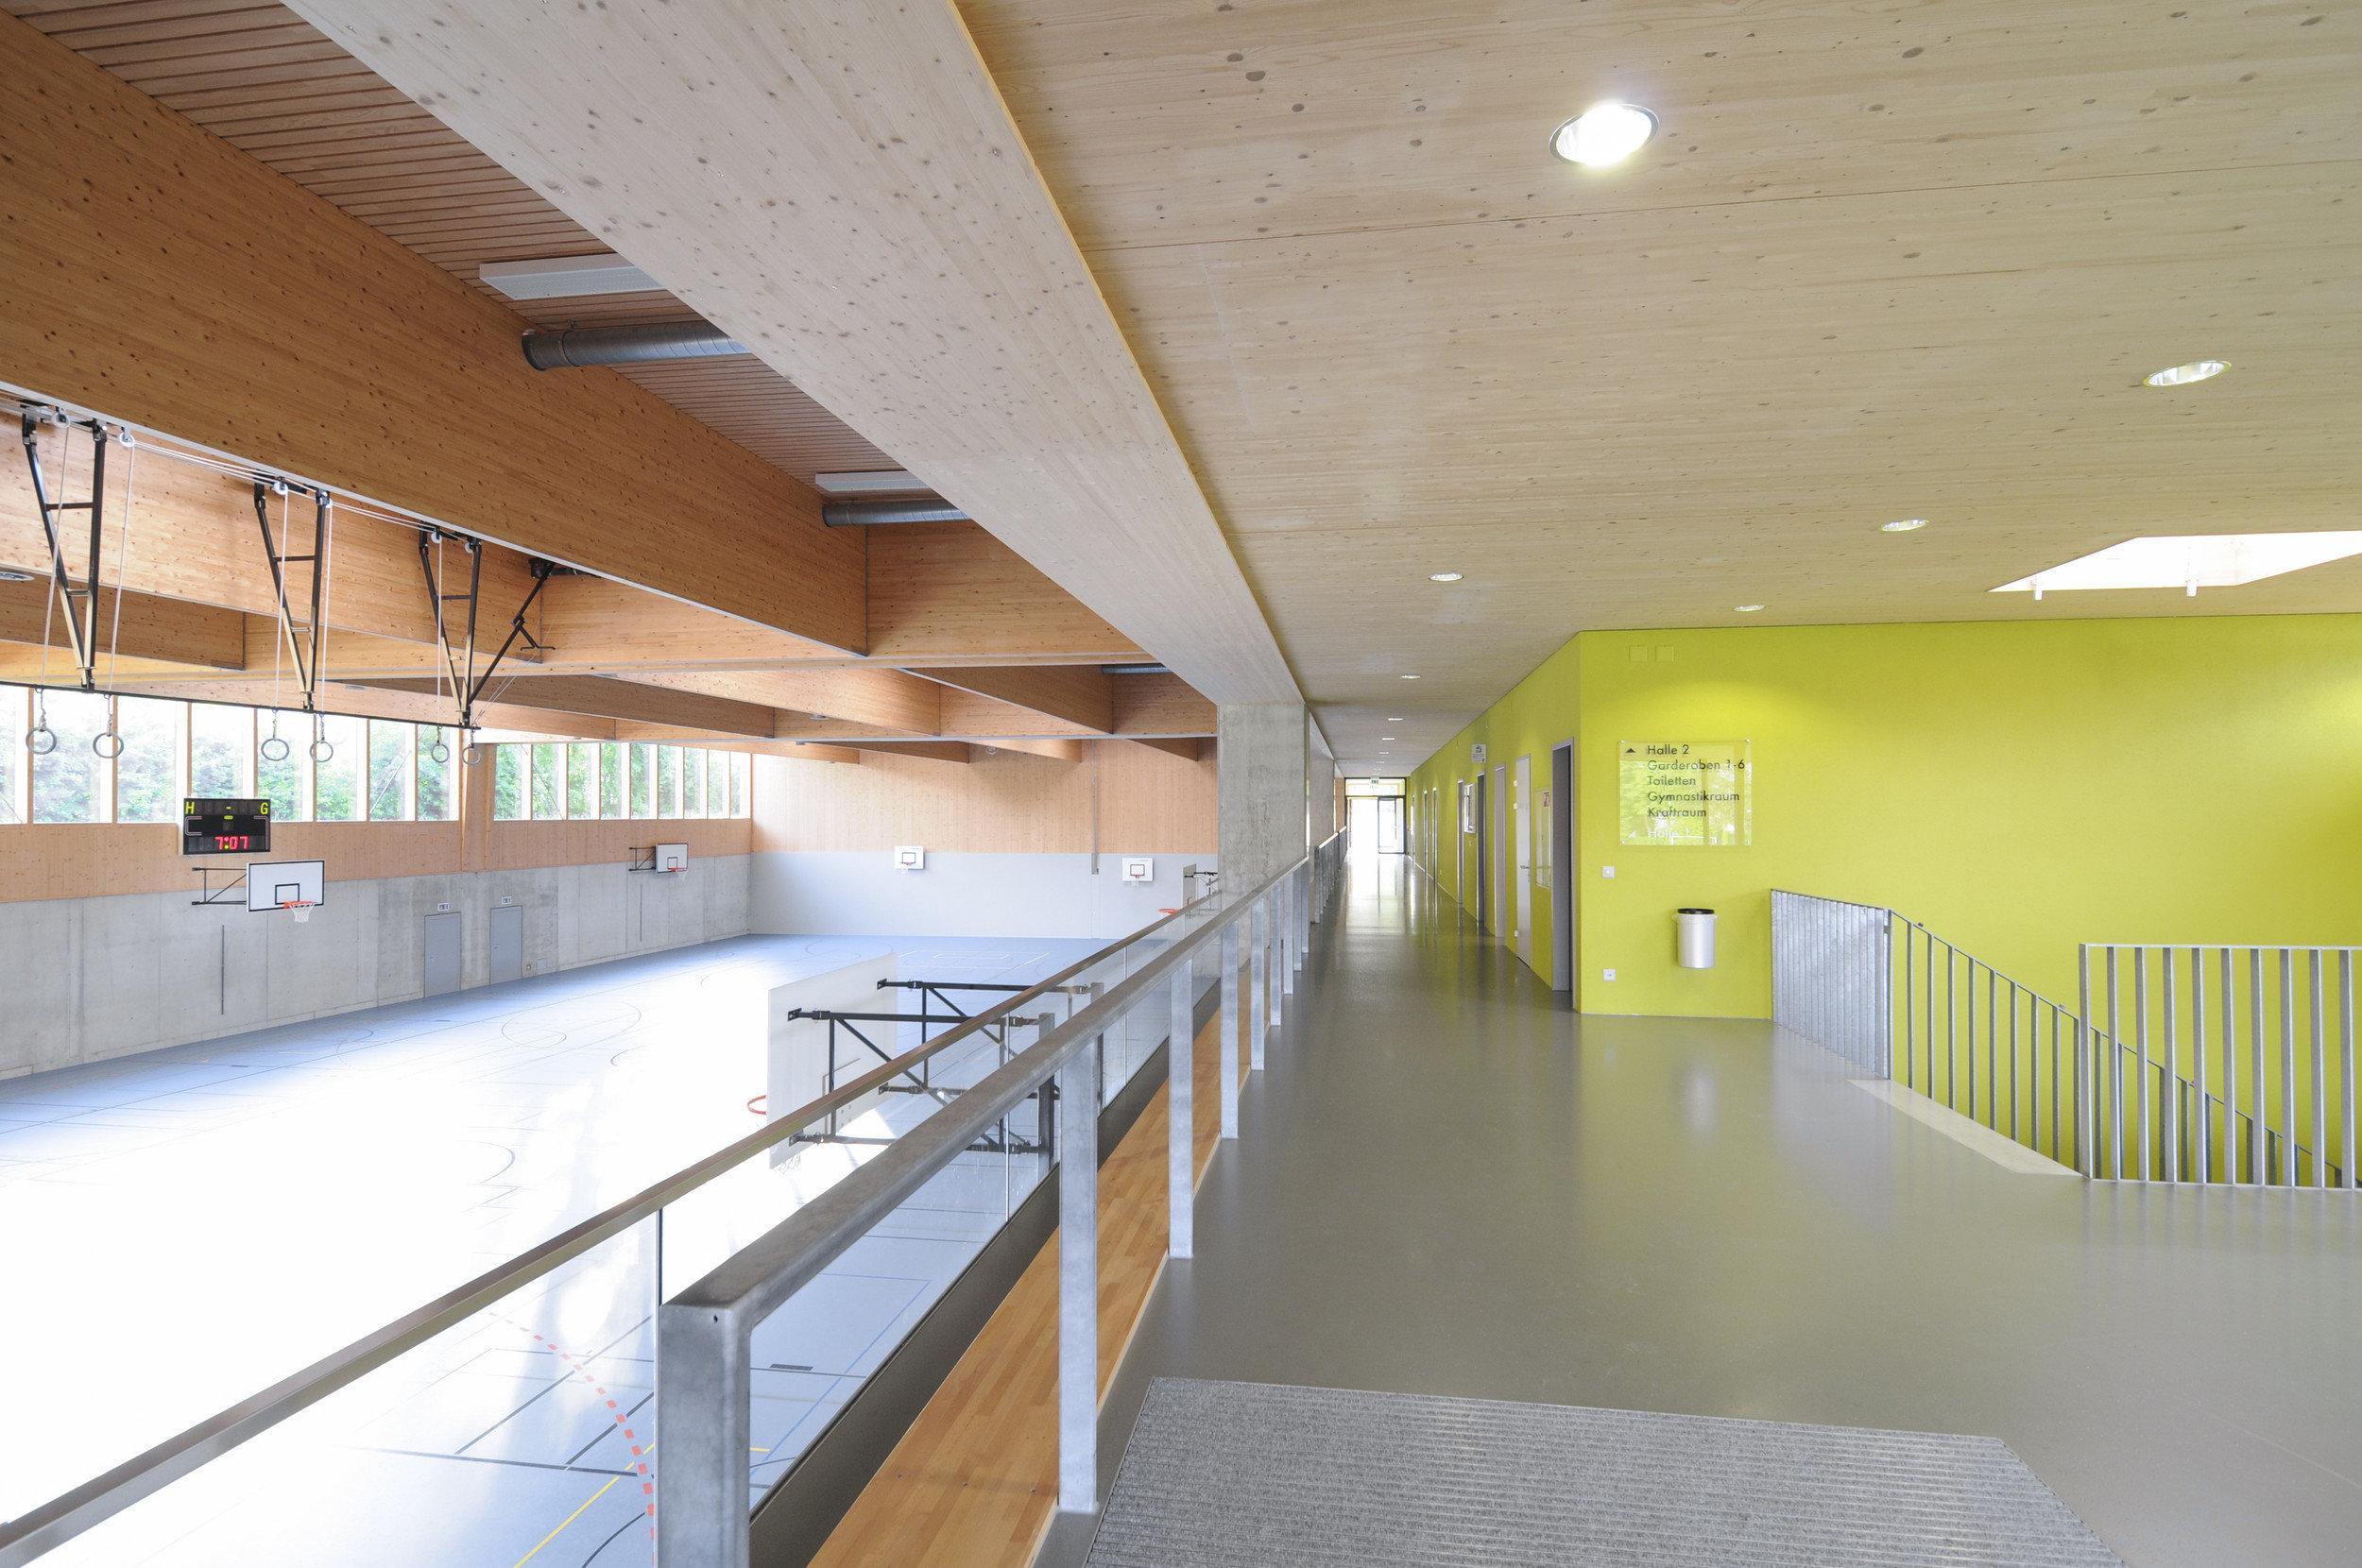 Sporthalle von innen mit Fokus auf Länge